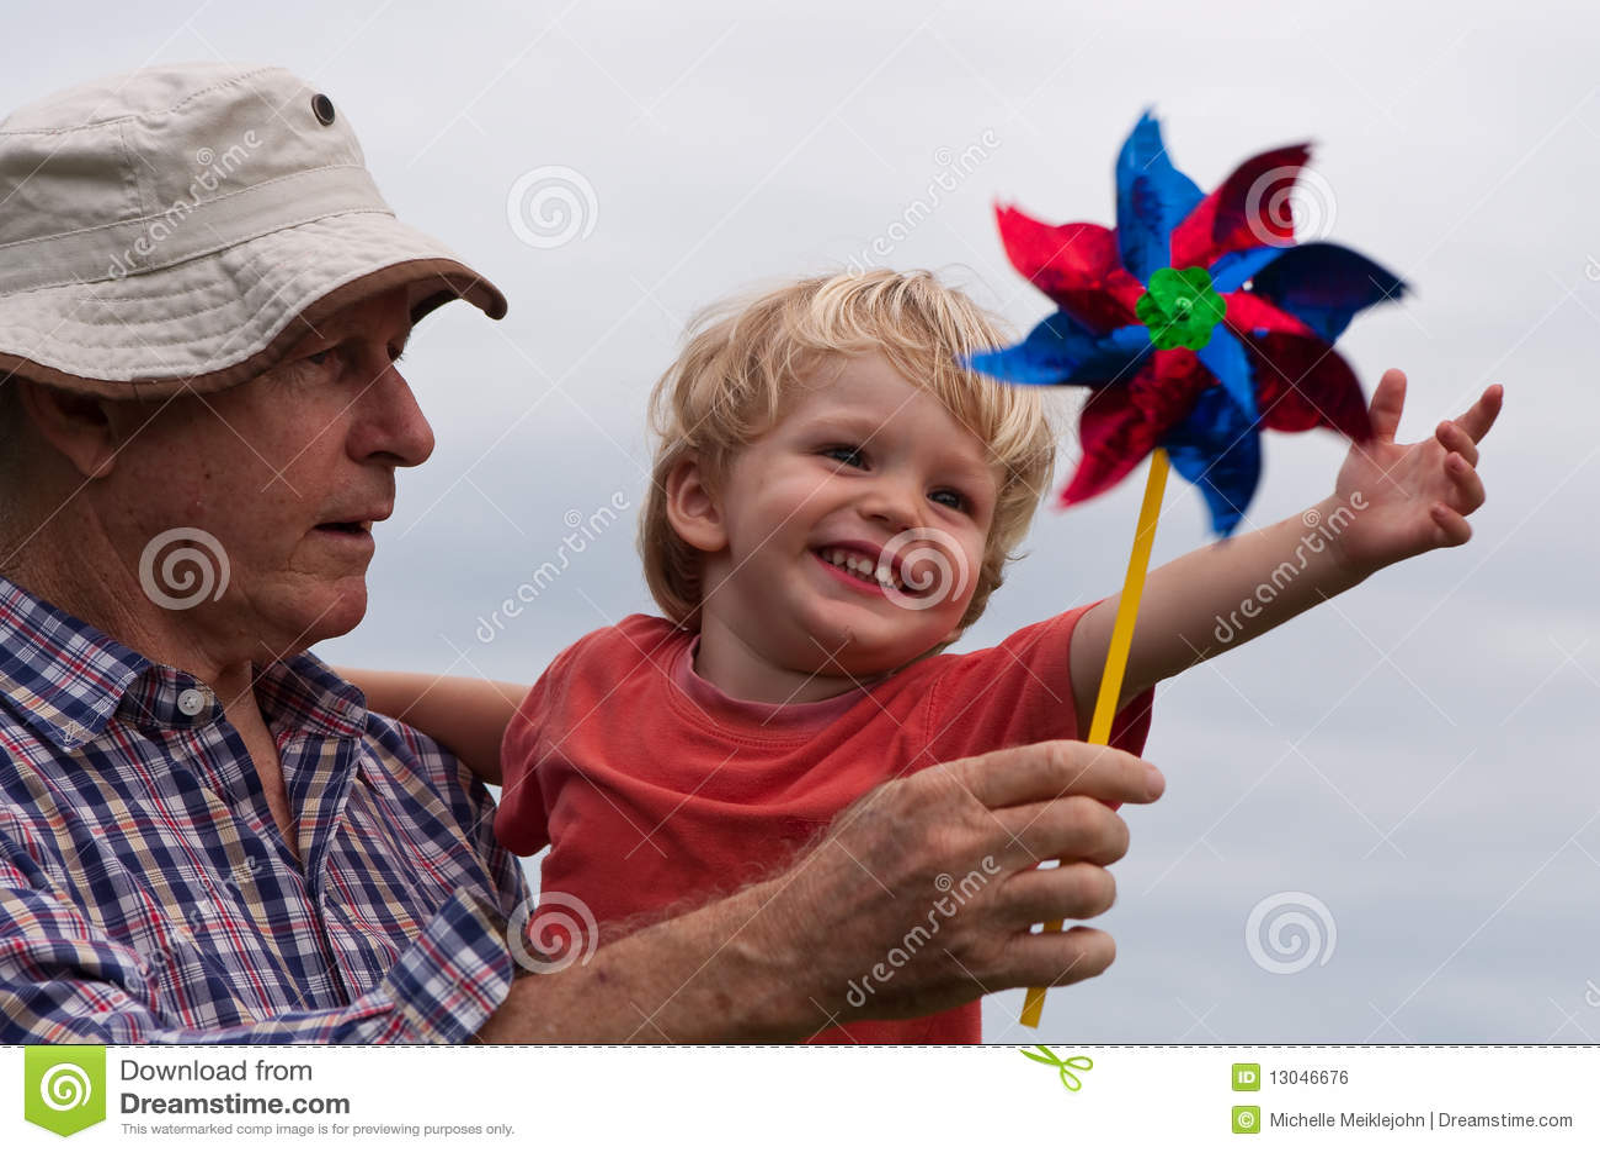 Fun with grandpa